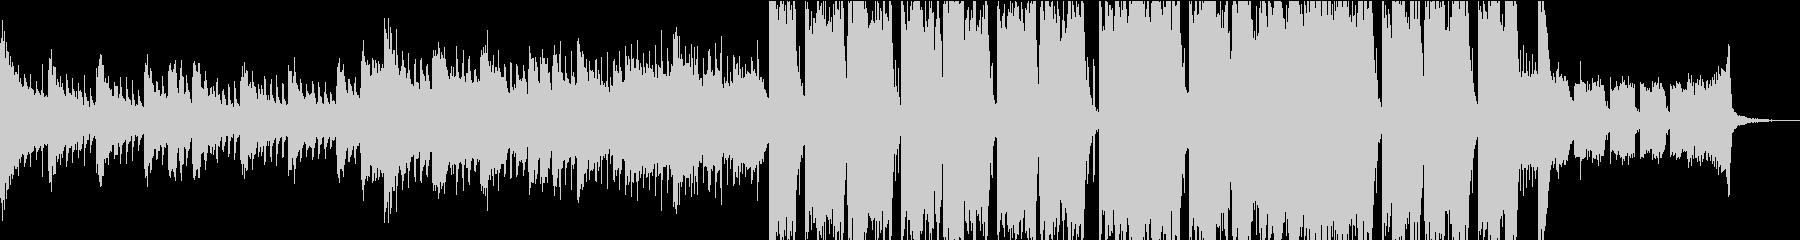 オープニング・EDM・フューチャーベースの未再生の波形